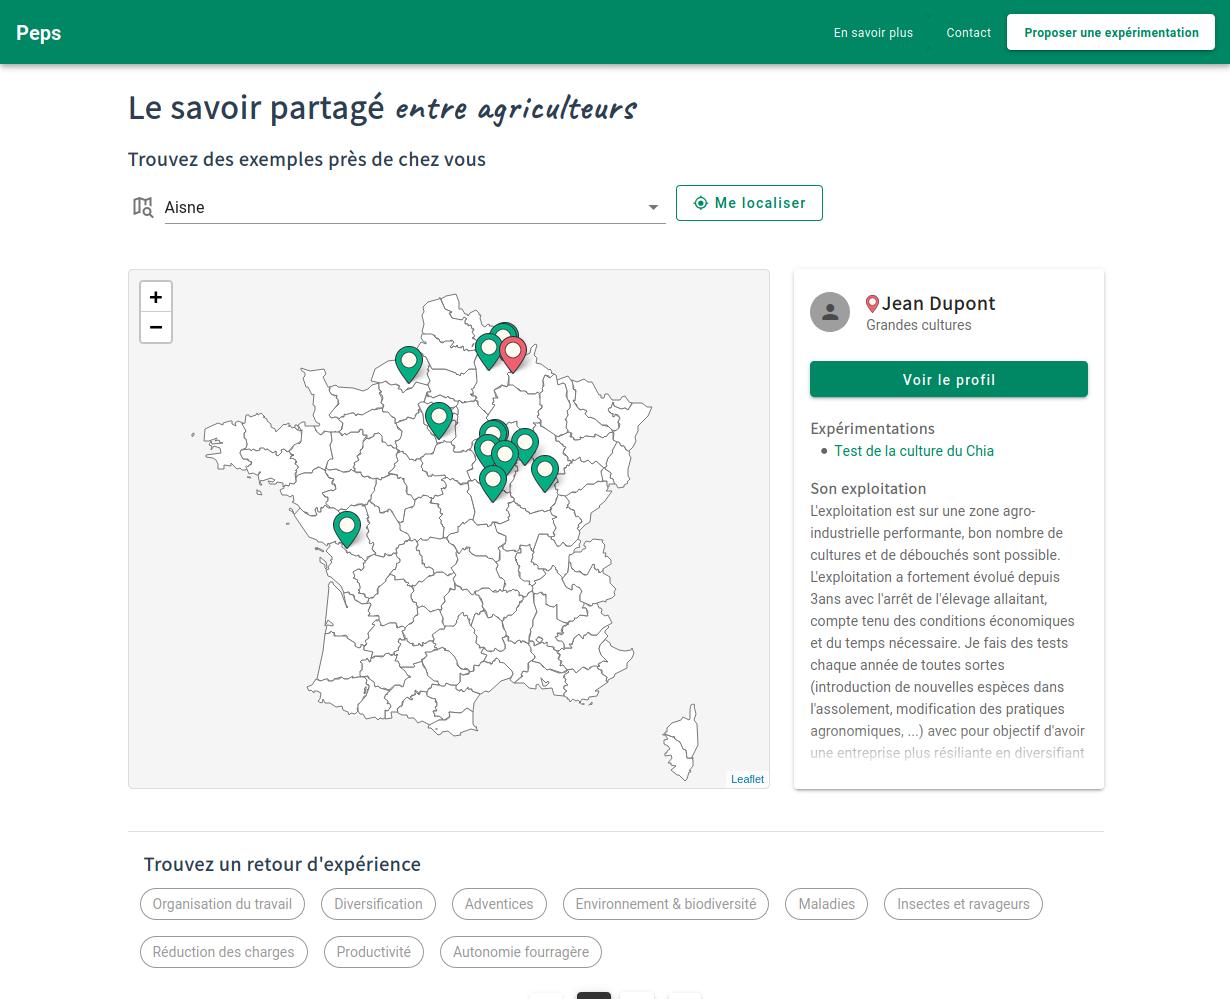 Présentation des expériences d'agriculteurs sur une carte de France Métropolitaine. À droite, une fiche présentant un résumé de l'exploitation de l'agriculteur